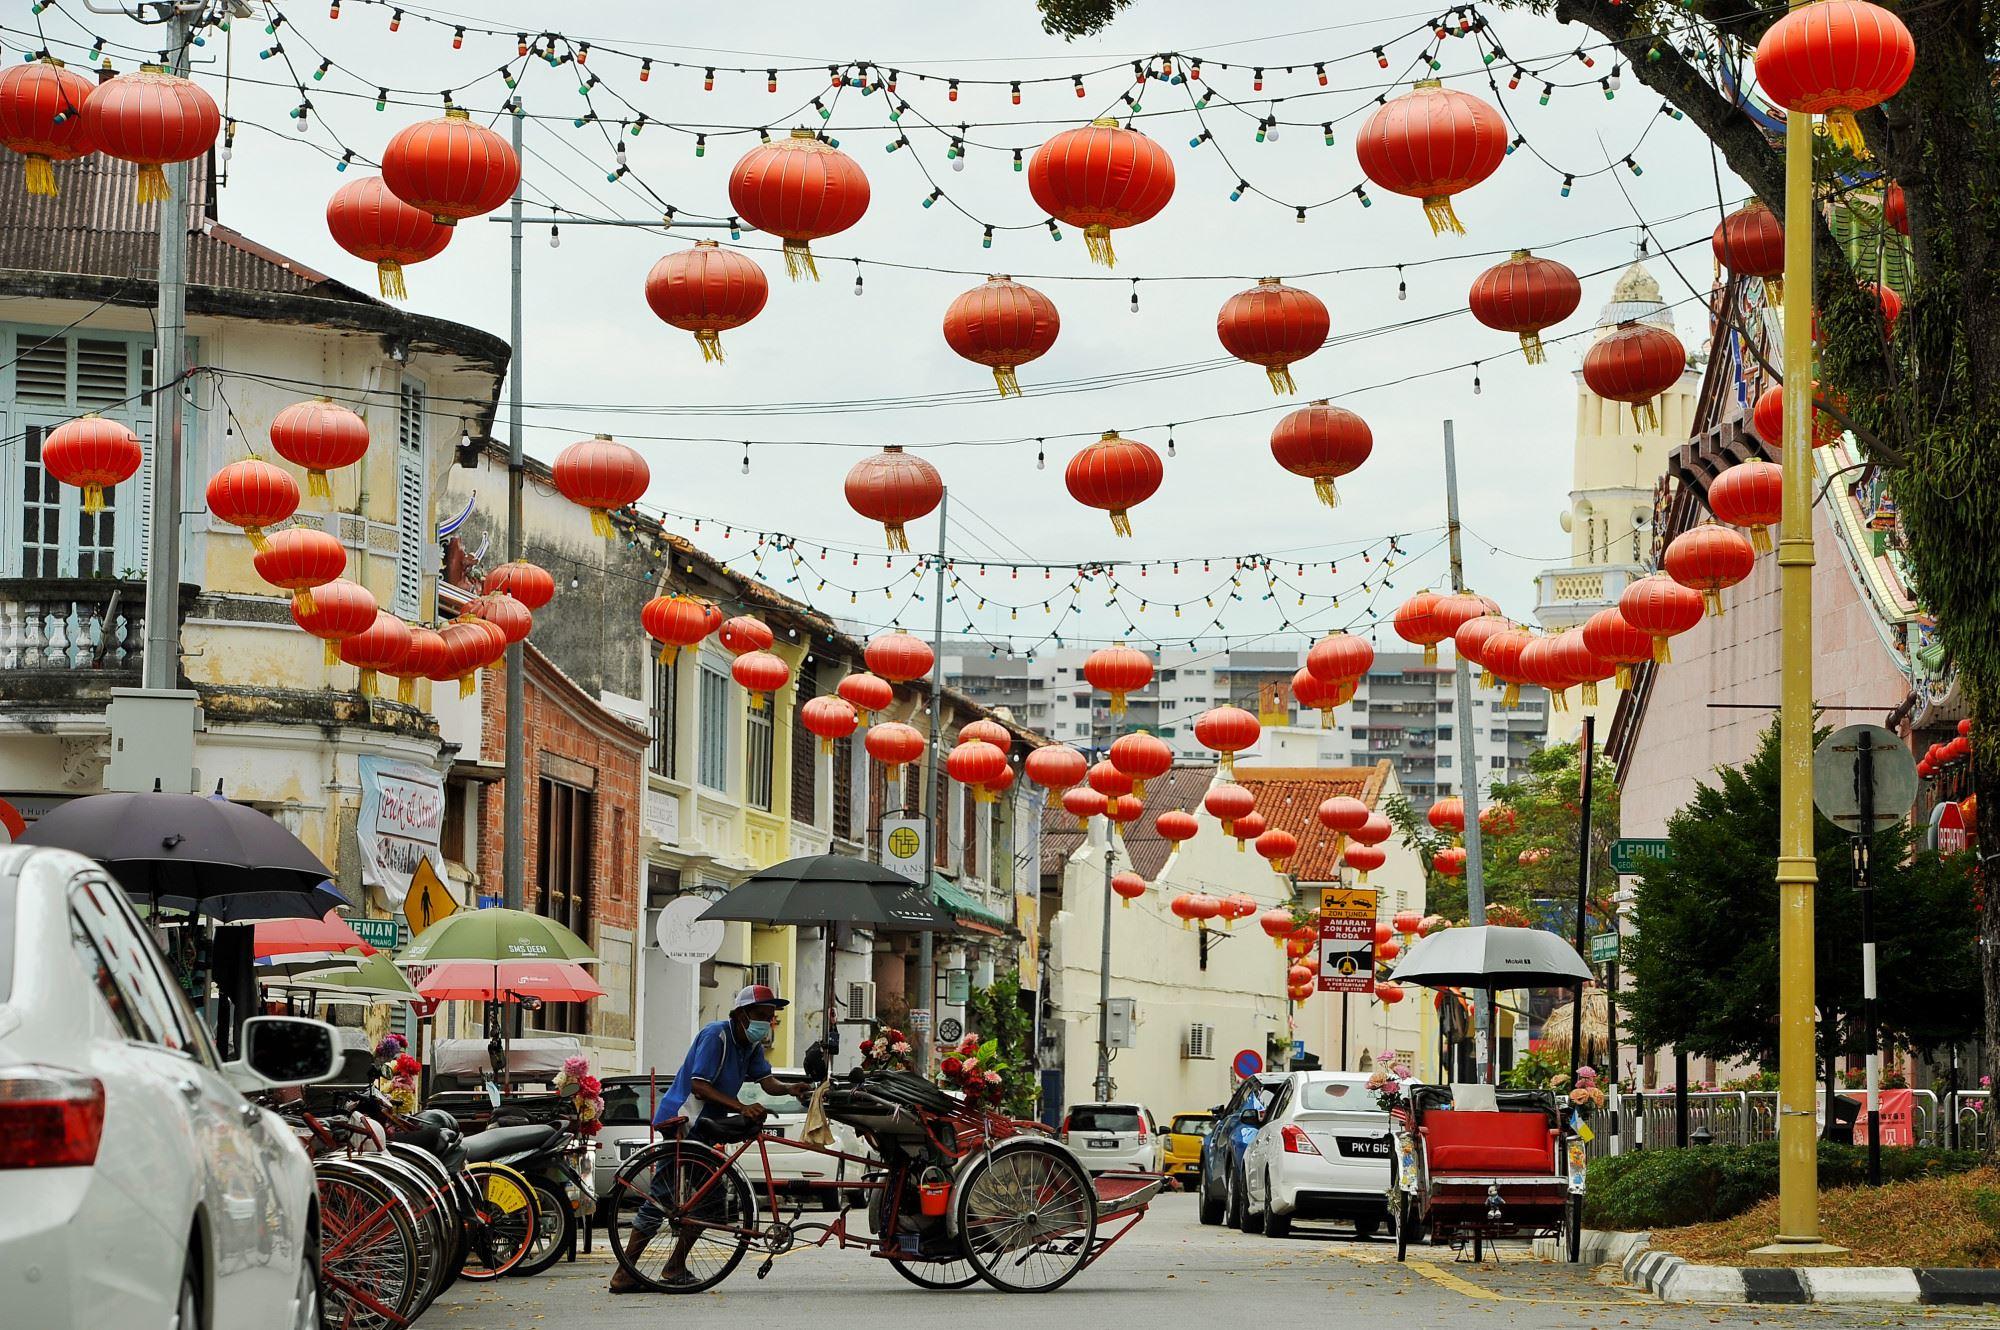 无惧疫情笼罩,槟城喜迎新春灯笼依旧高挂吸睛!